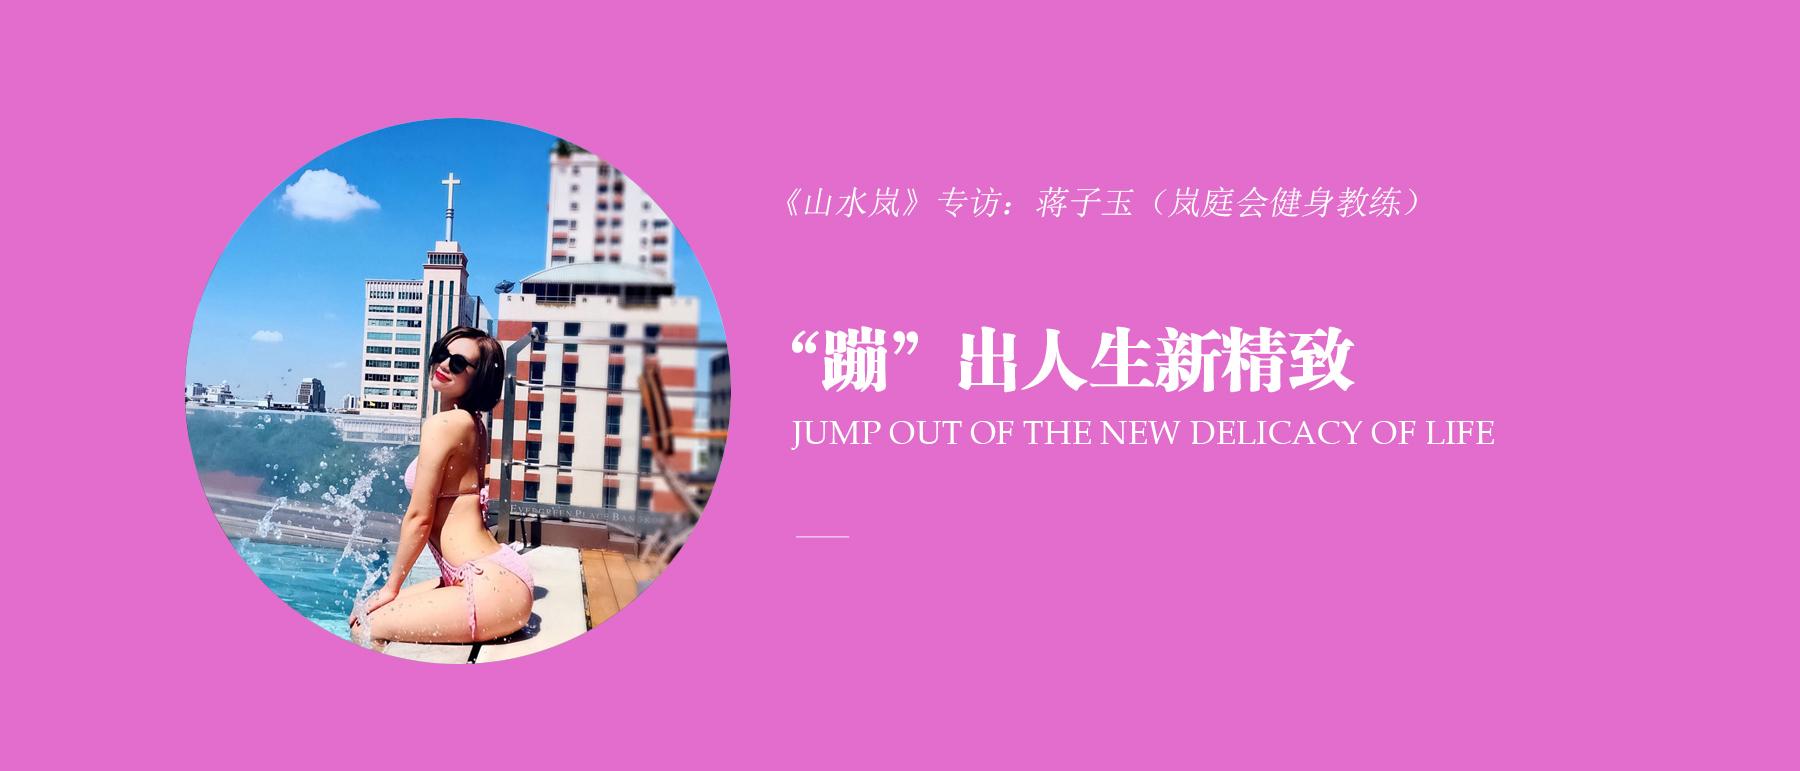 """对话岚庭会健身会所蒋子玉 """"蹦""""出人生新精致"""